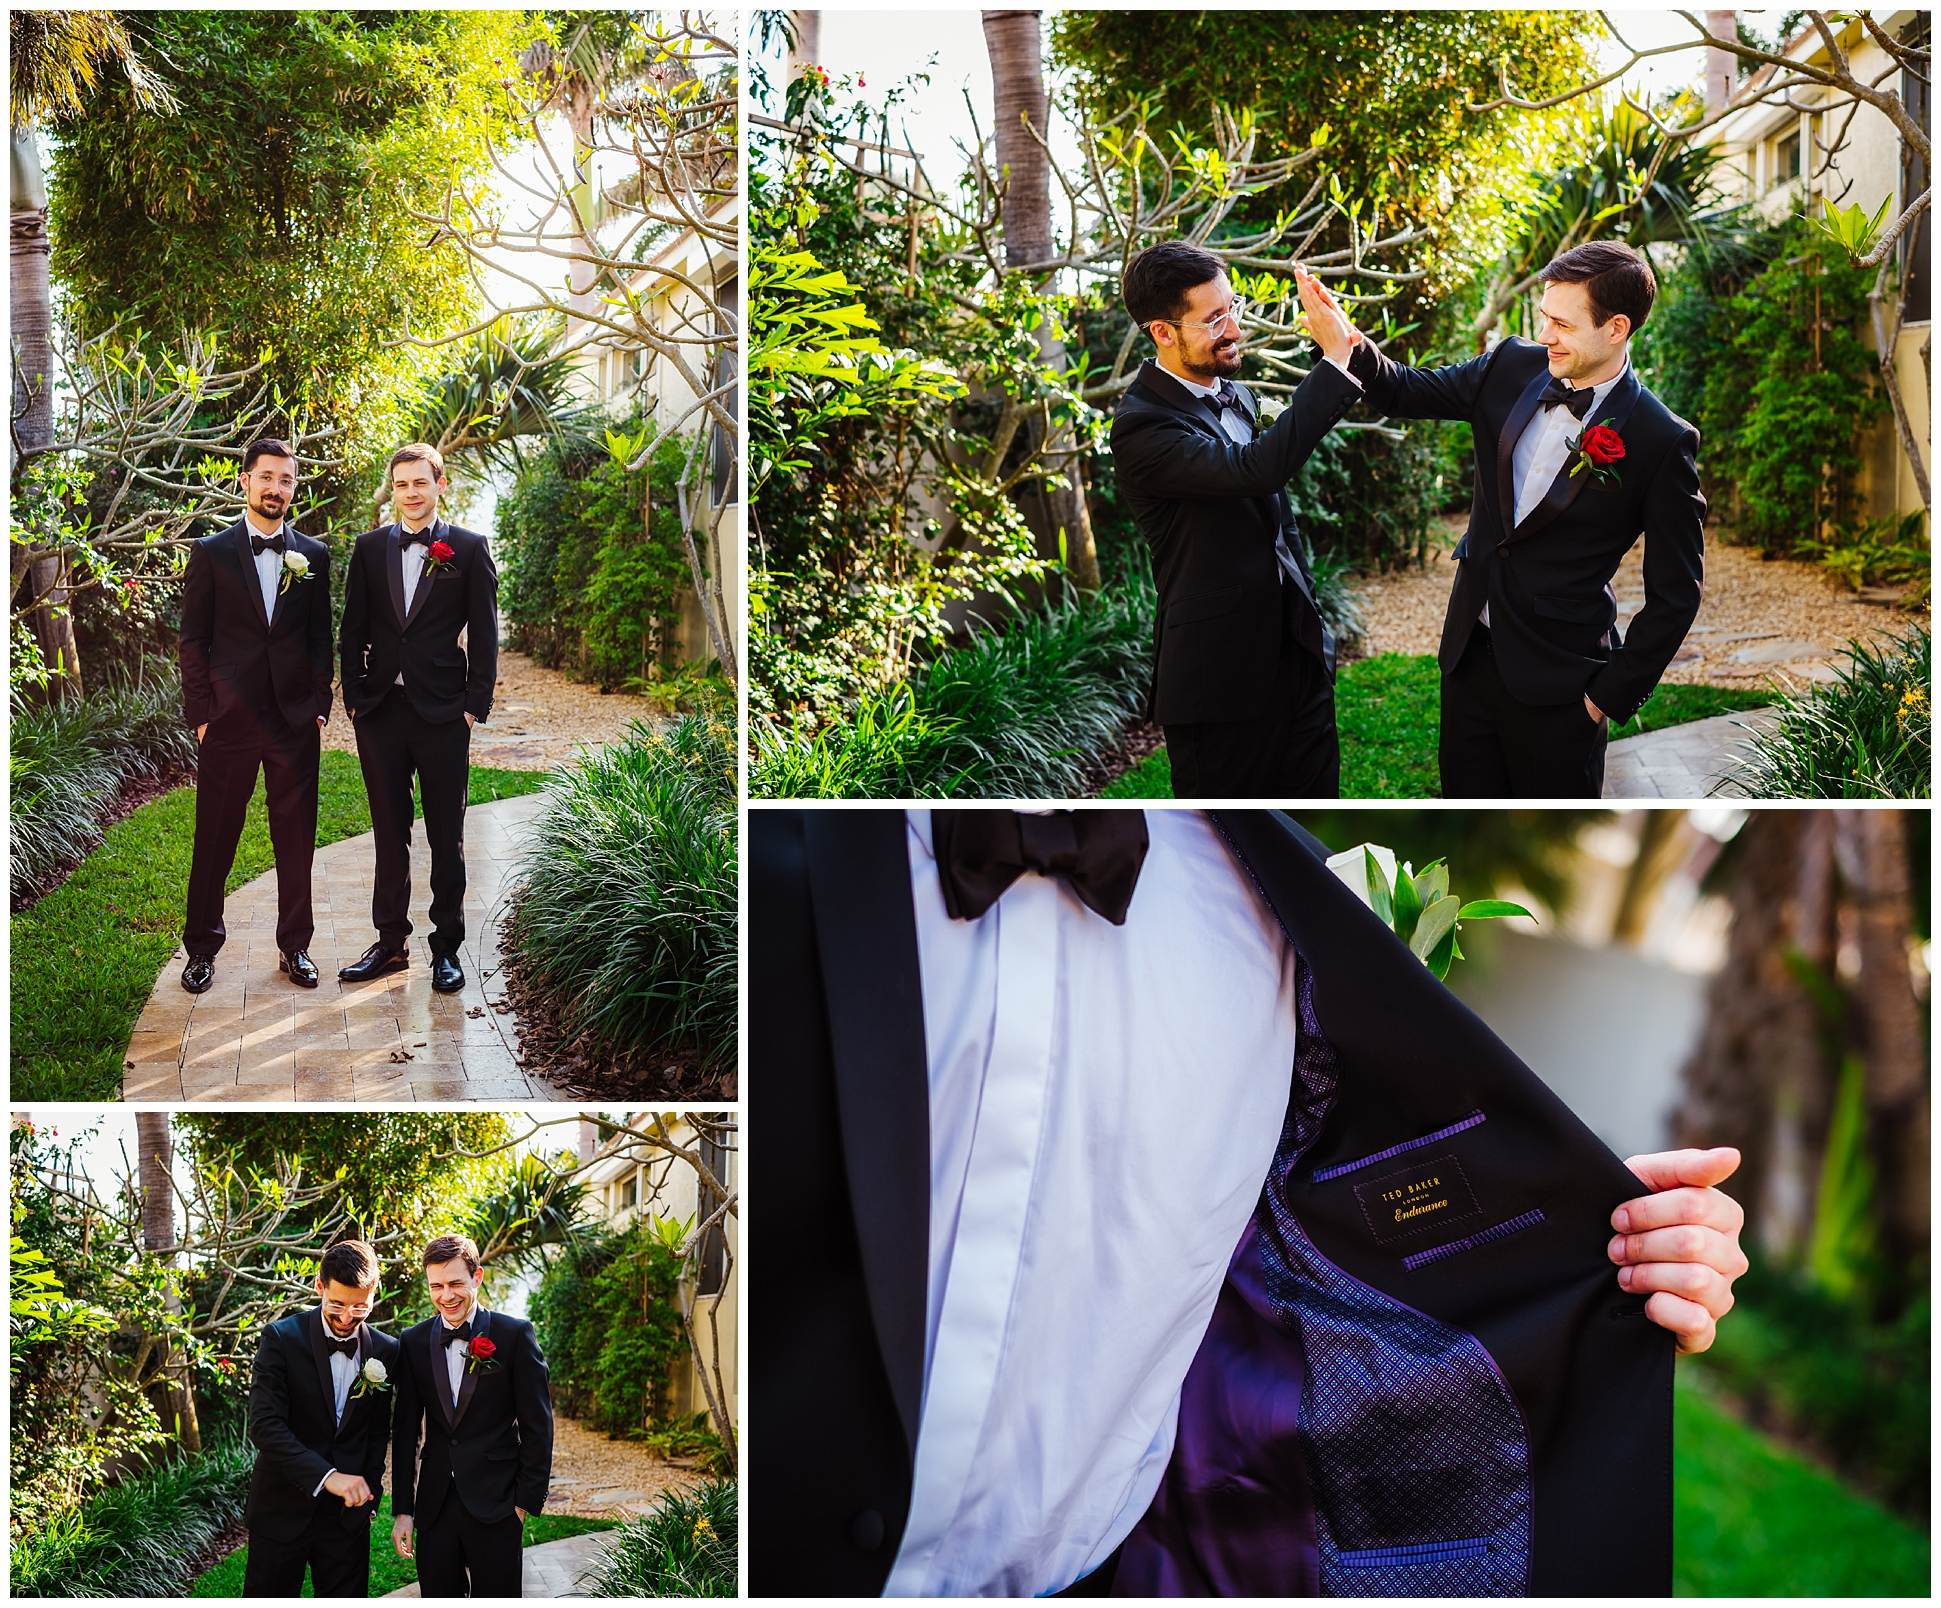 tierra-verde-st-pete-florida-home-luxury-wedding-greenery-pink-pixie-bride_0034.jpg